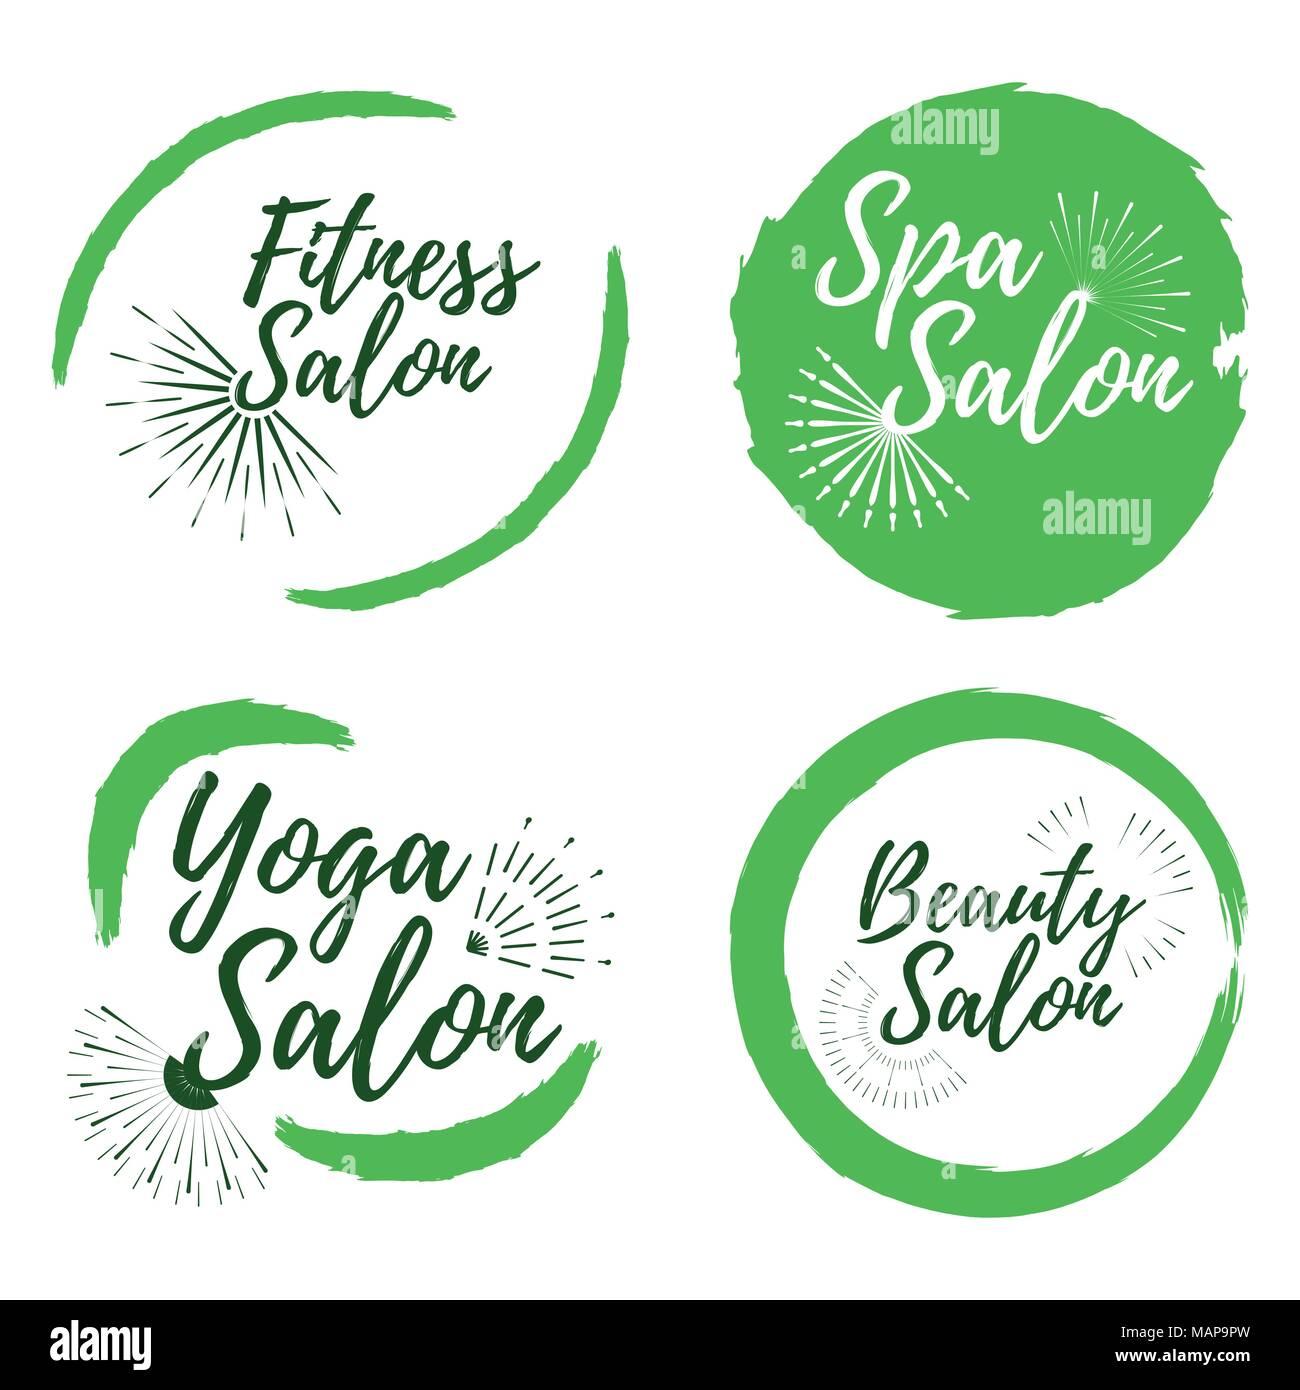 Beauty Salon Vector Logo Design Stockfotos & Beauty Salon Vector ...